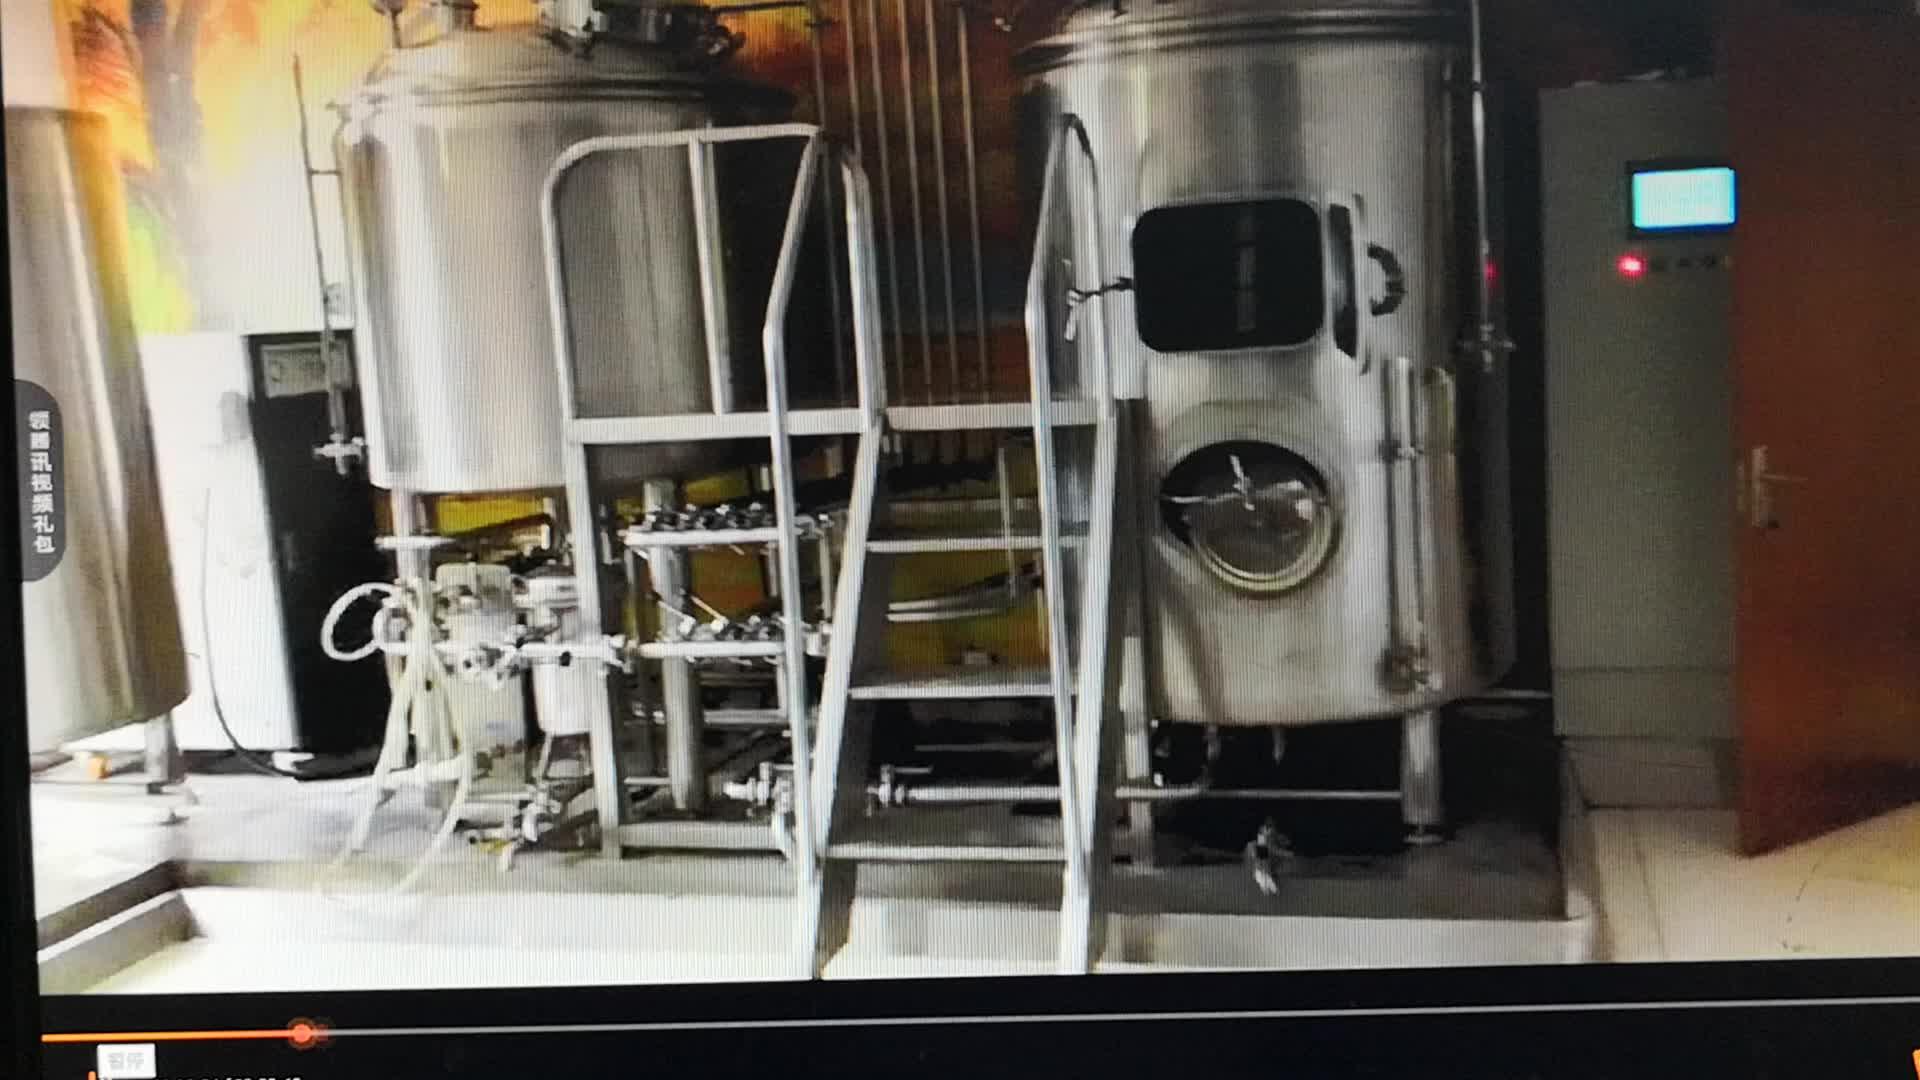 स्टेनलेस स्टील 1000L बीयर शराब Brewhouse किण्वन टैंक